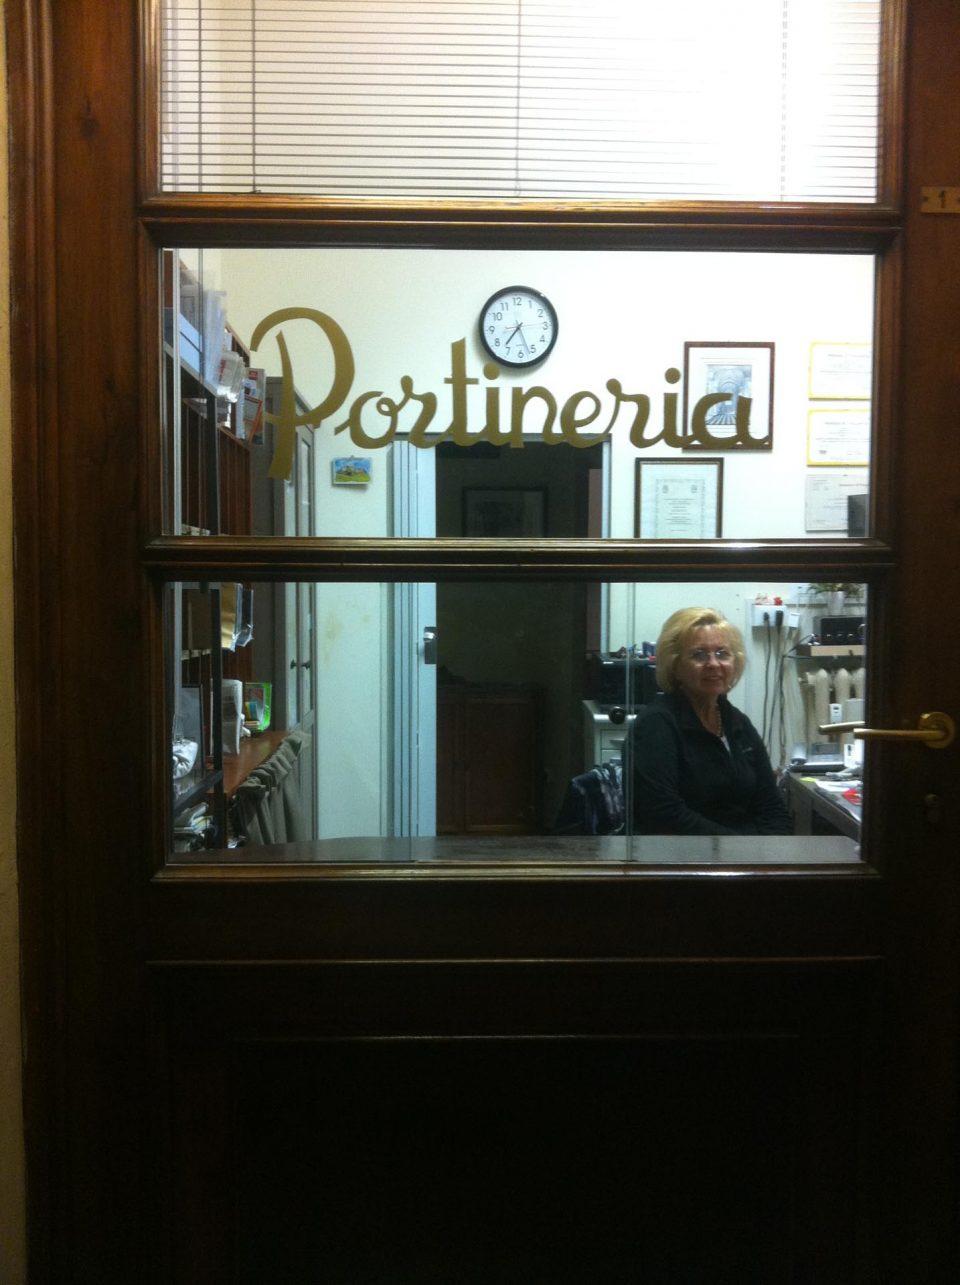 Emilia-Romagna- Pförtnerin in Bologna